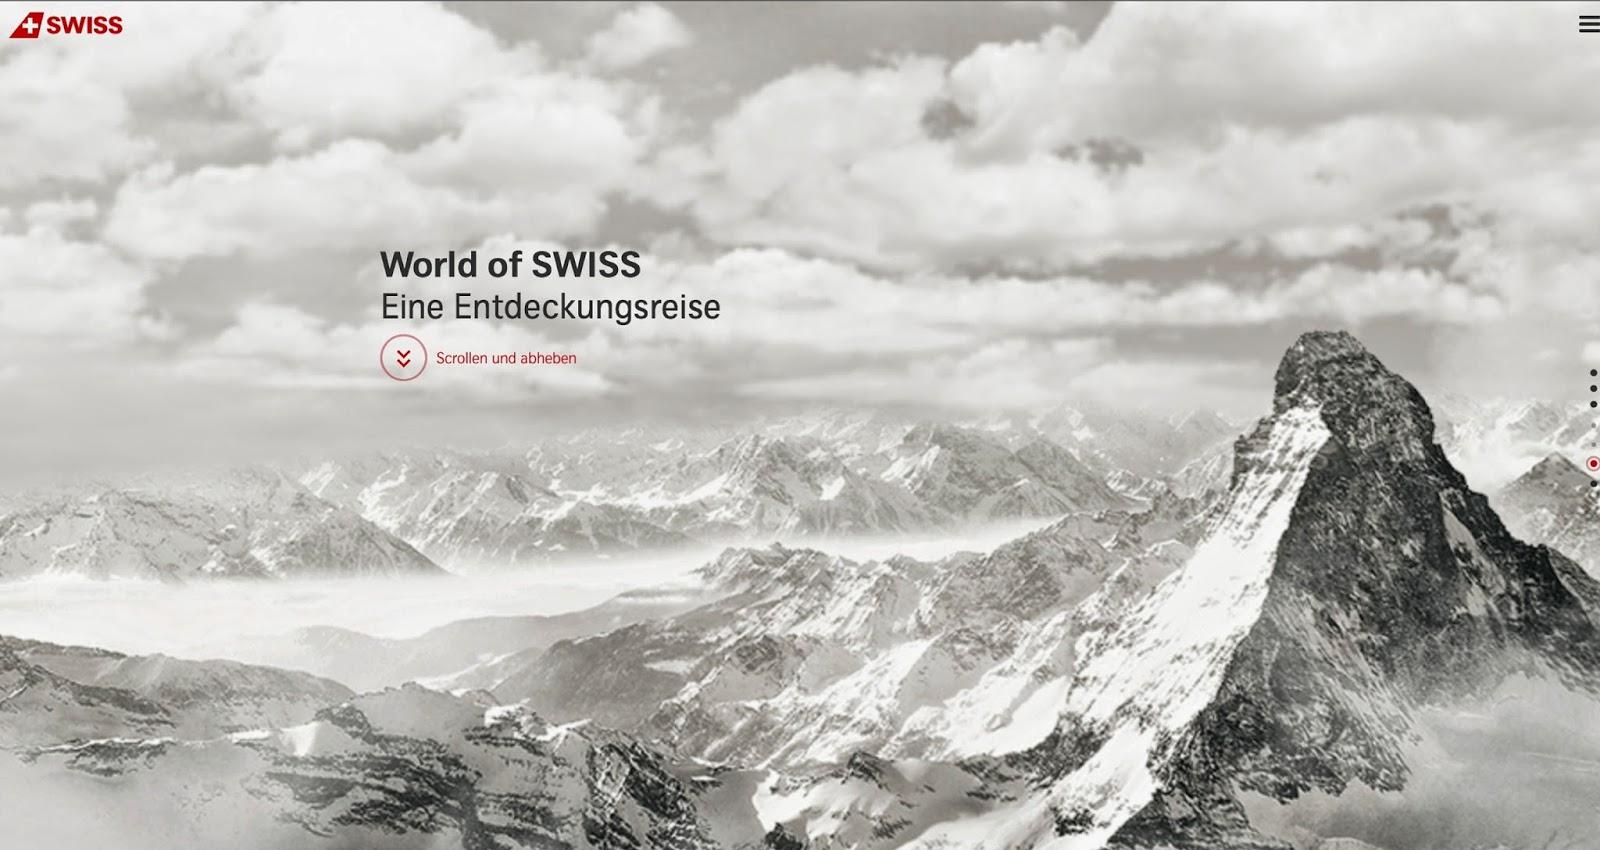 http://www.world-of-swiss.com/de